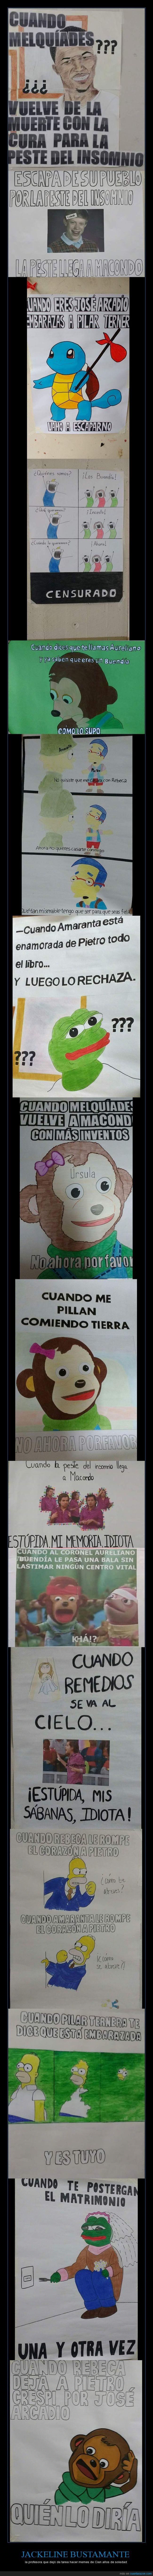 aprender,Chile,Cien años de soledad,educación,Gabriel García Márquez,humor,leer,Los Simpsons,memes,parodia,Pedro el mono no ahora por favor,tarea,viral